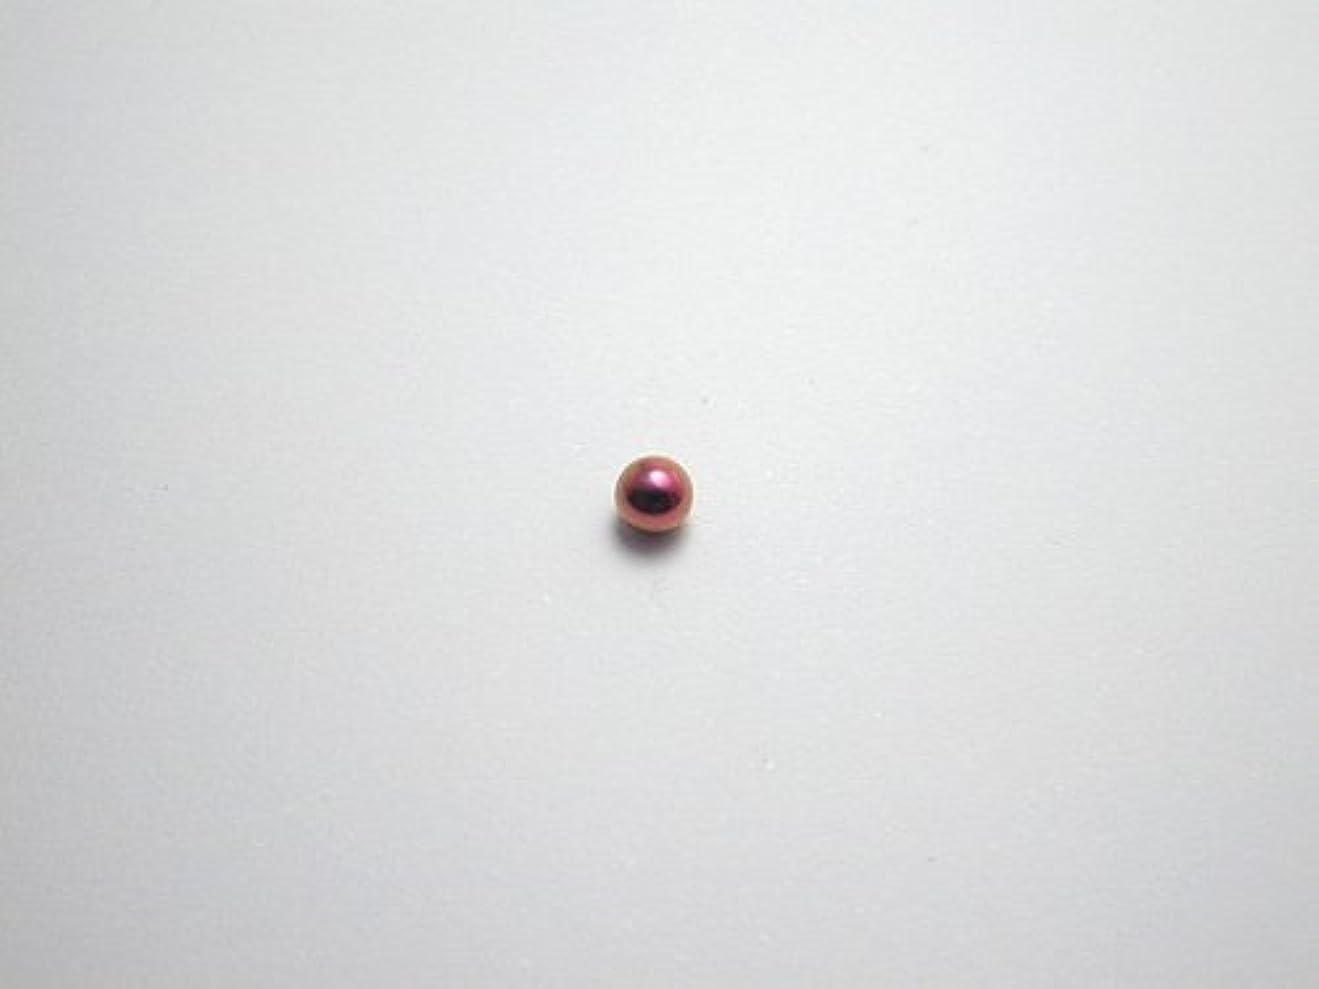 効能スペースモナリザ純チタンピアス 片耳 球φ3.0 ピンク 金属アレルギーの方も安心